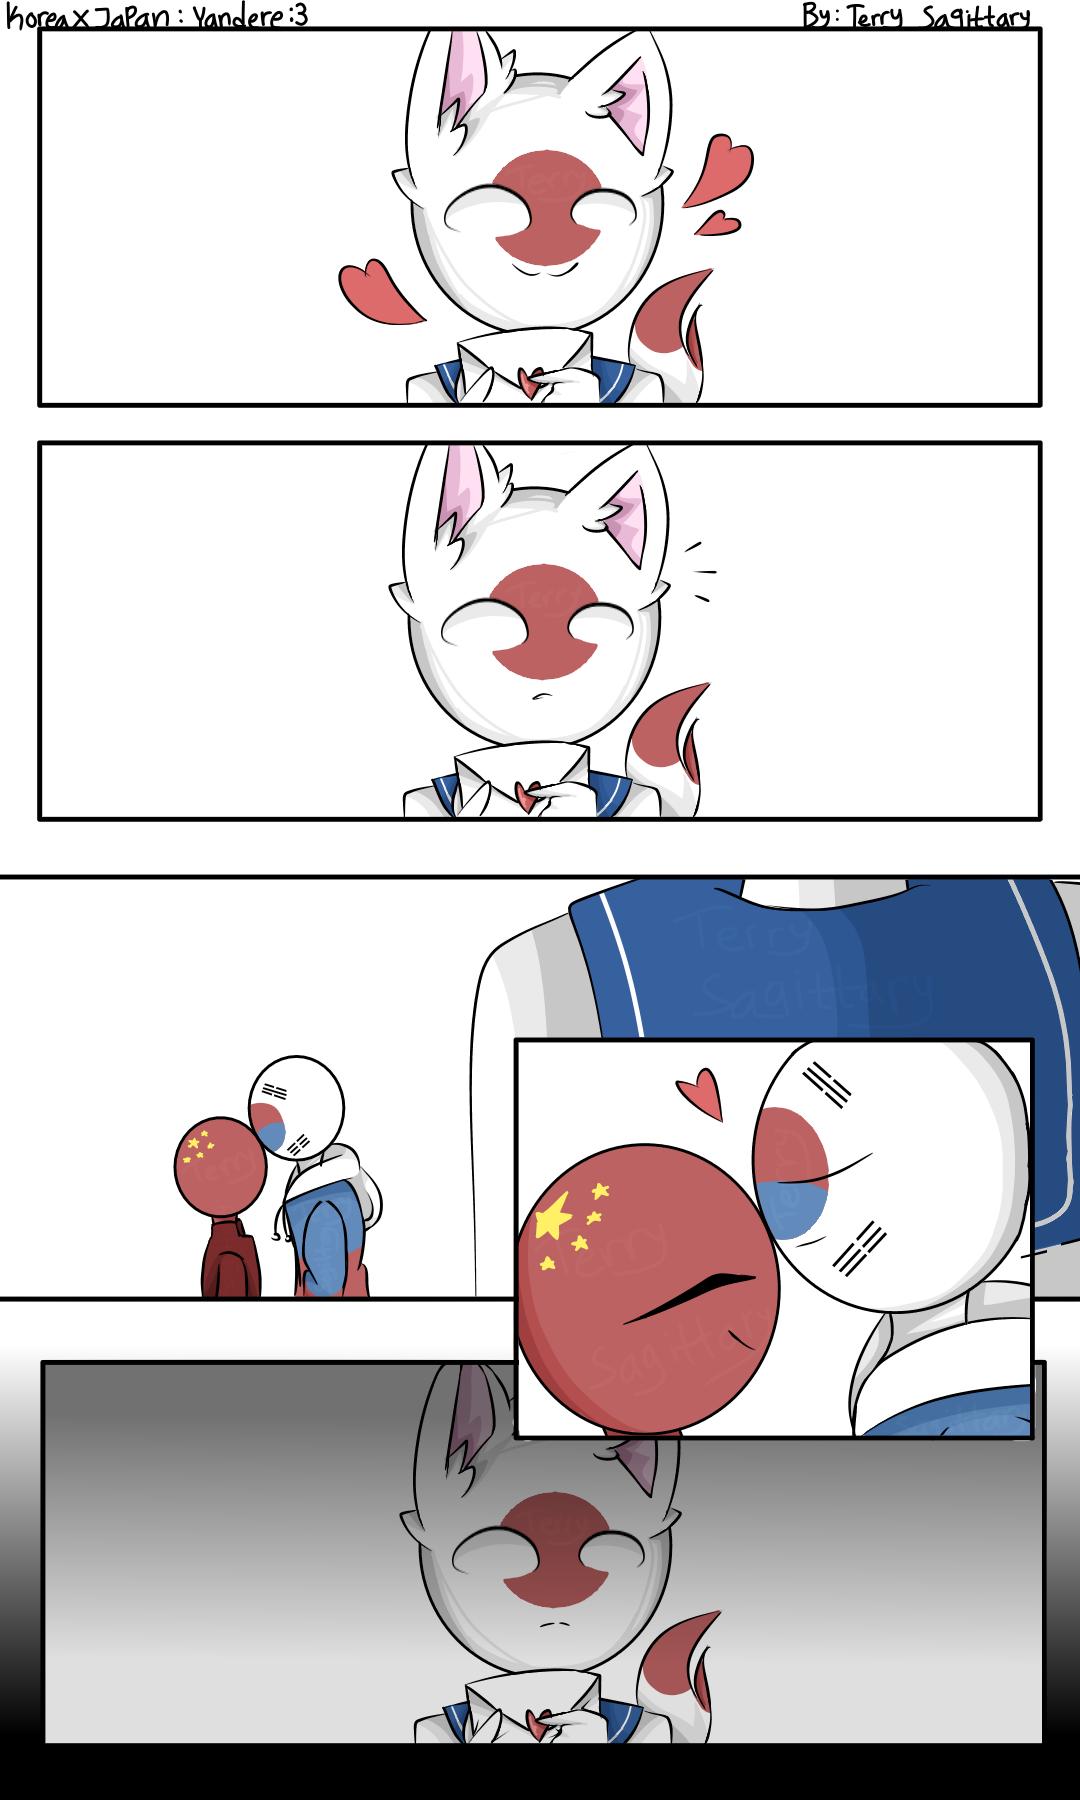 Korea and Japan:Yandere(Part1) by TerrySagittary on DeviantArt